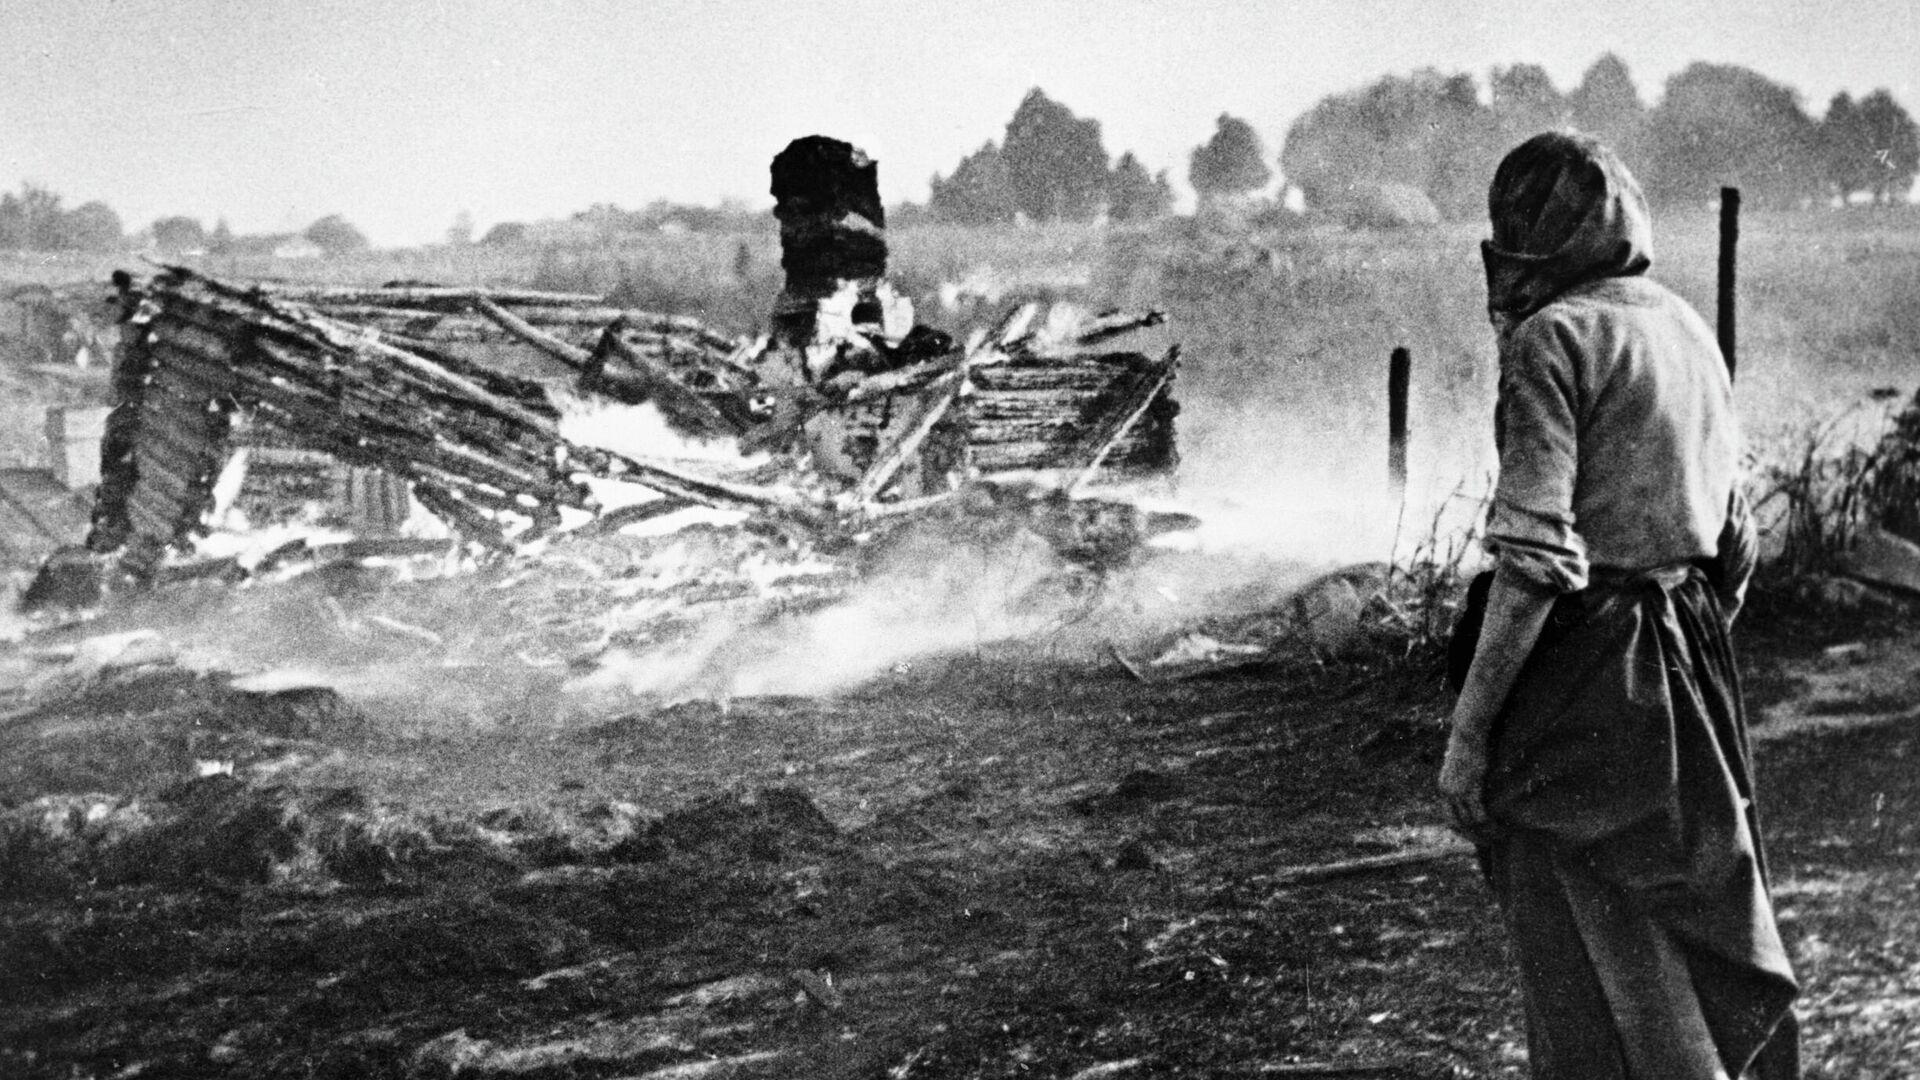 Гитлеровцы сожгли дотла белорусскую деревню - РИА Новости, 1920, 26.07.2021